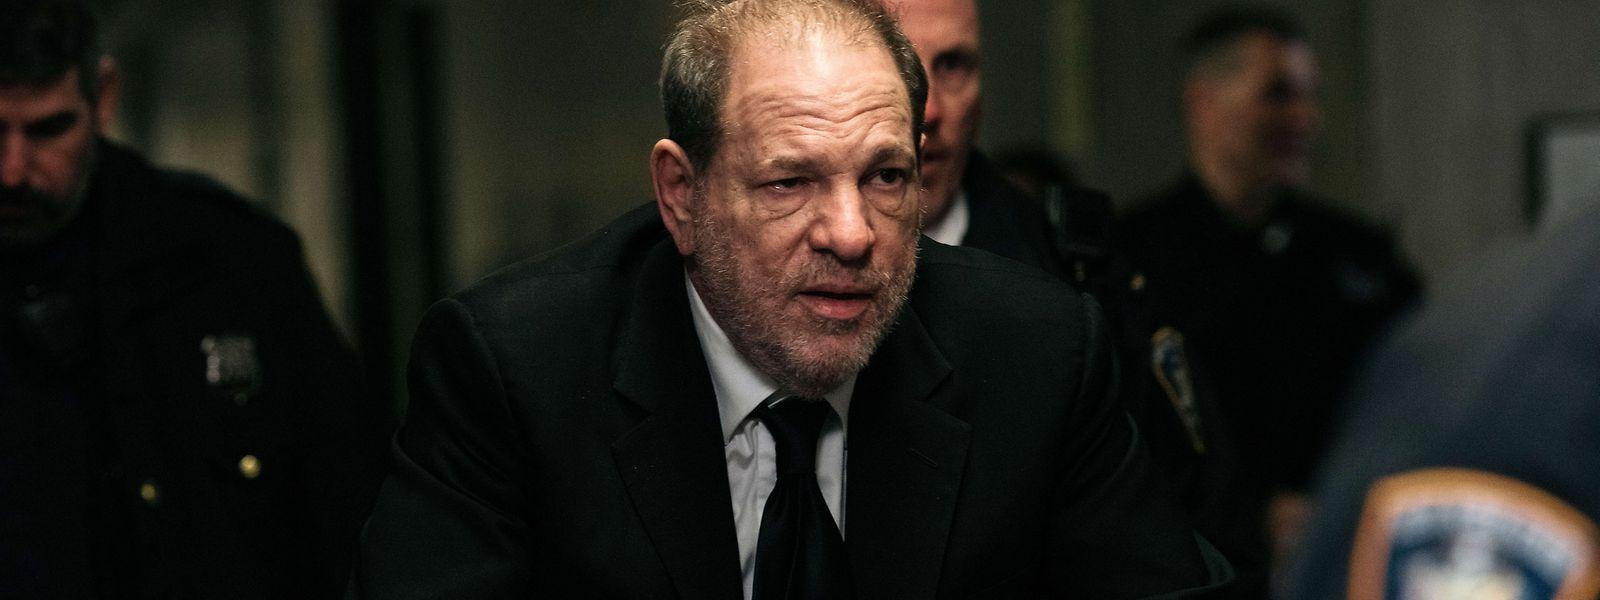 Bei einer Verurteilung droht Weinstein eine lebenslange Haftstrafe.